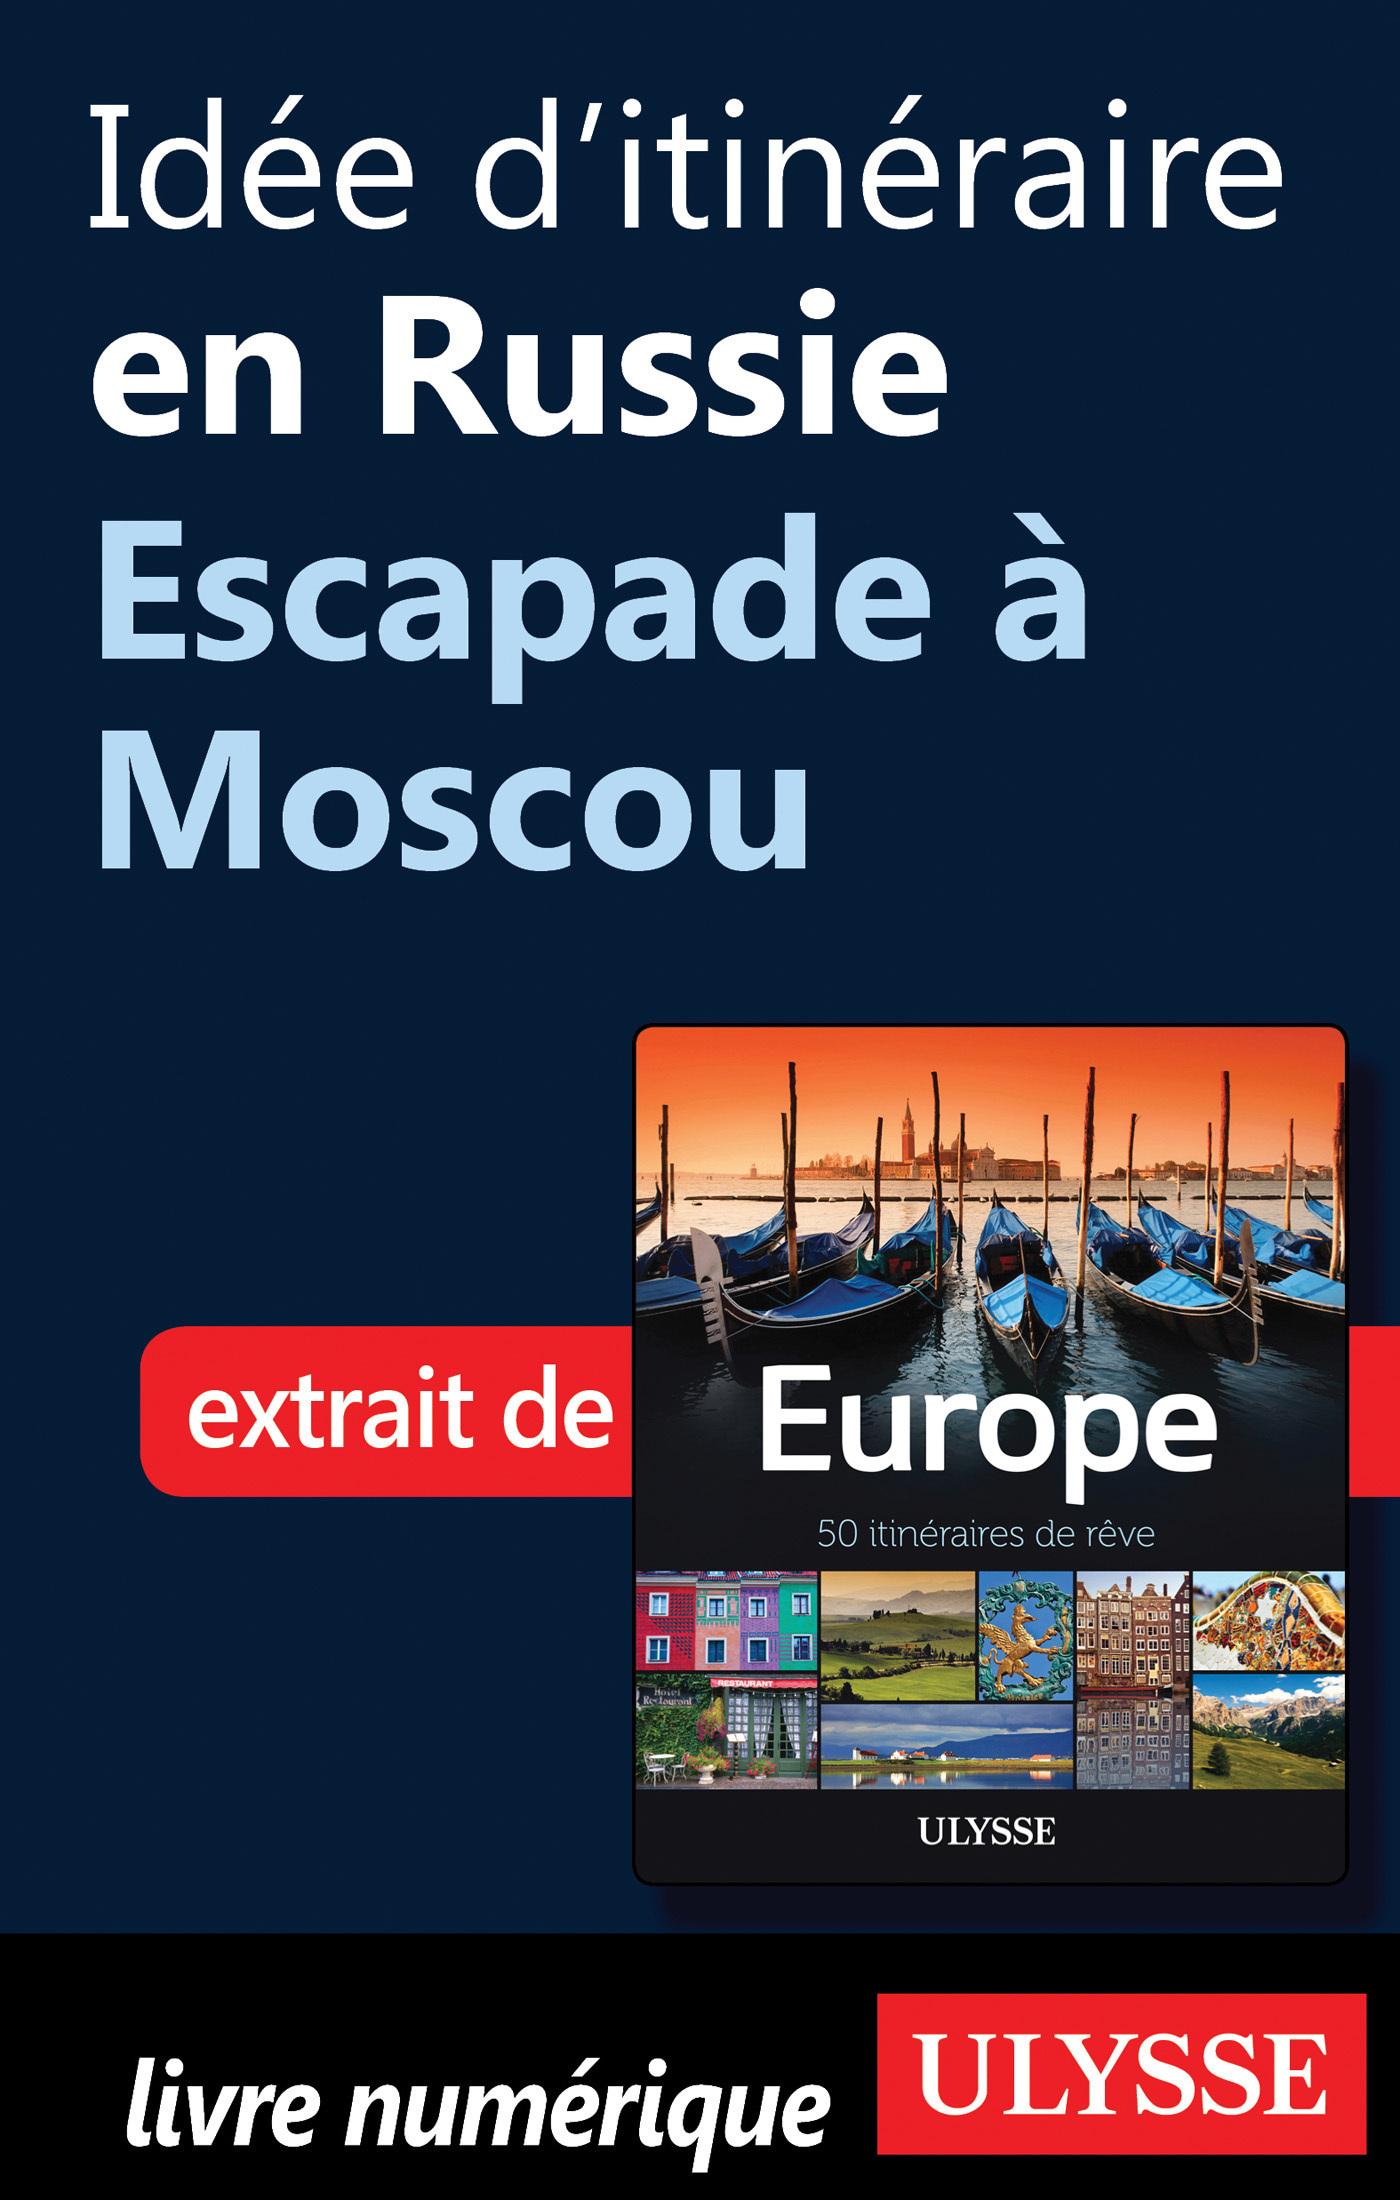 Idée d'itinéraire en Russie - Escapade à Moscou